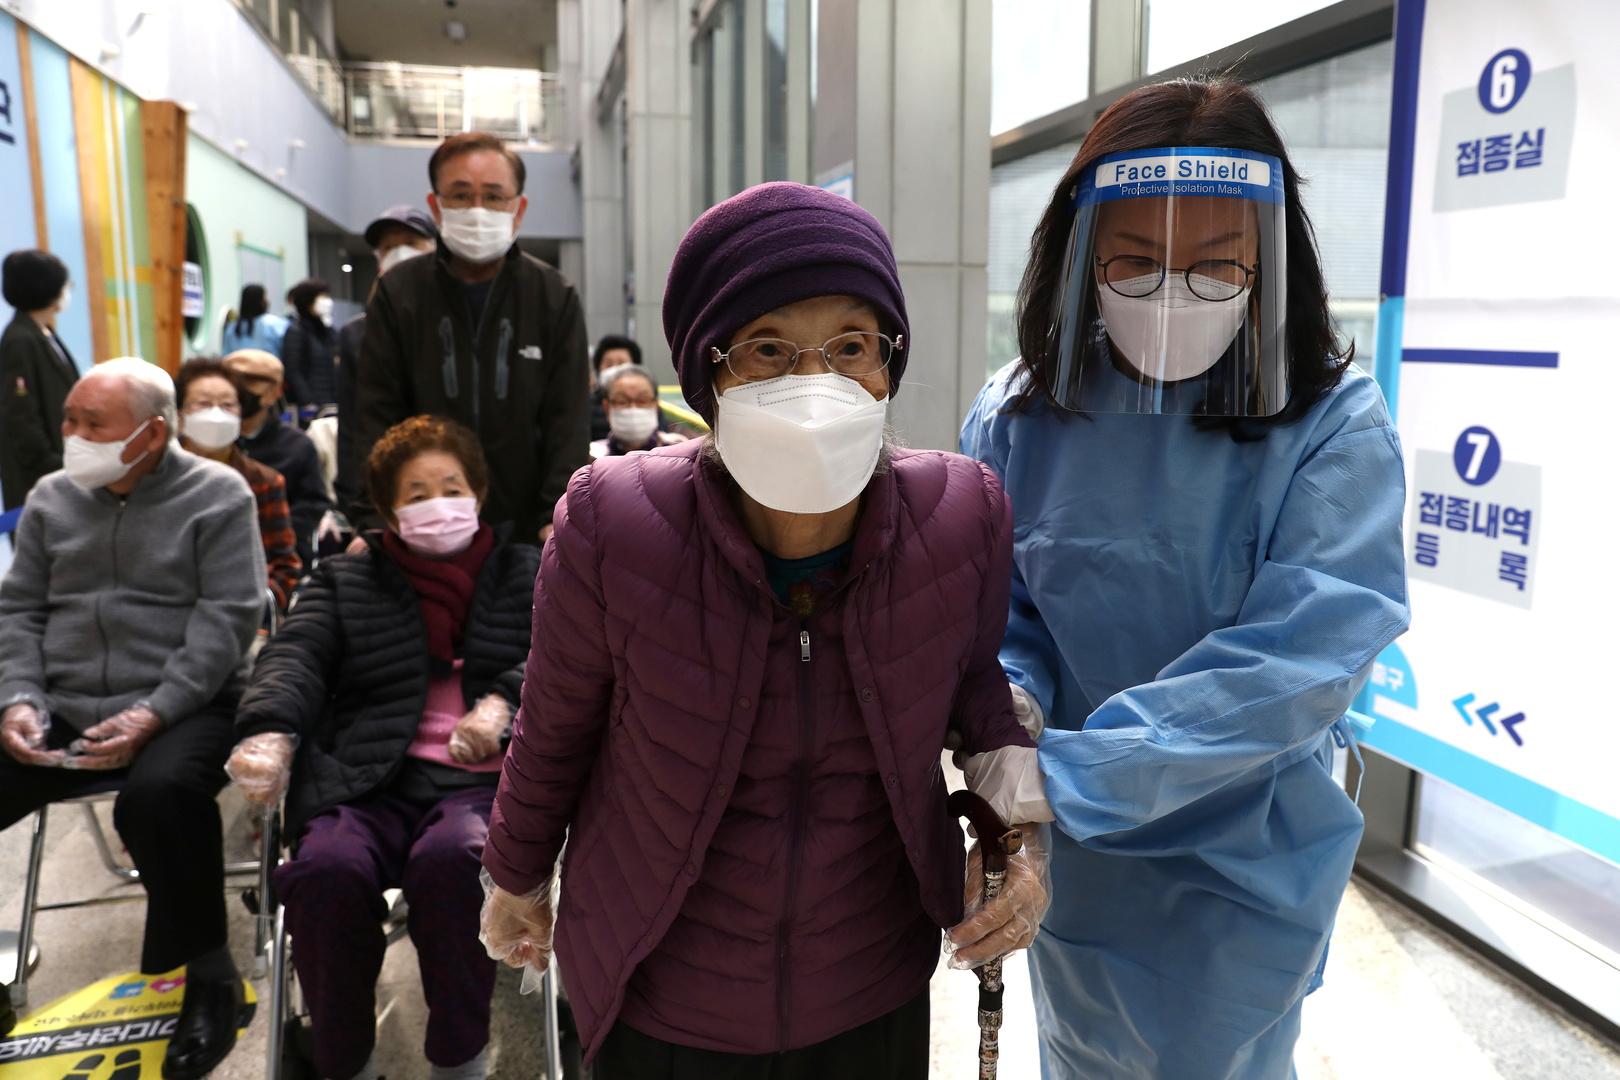 كوريا الجنوبية تسجل 731 إصابة جديدة بفيروس كورونا